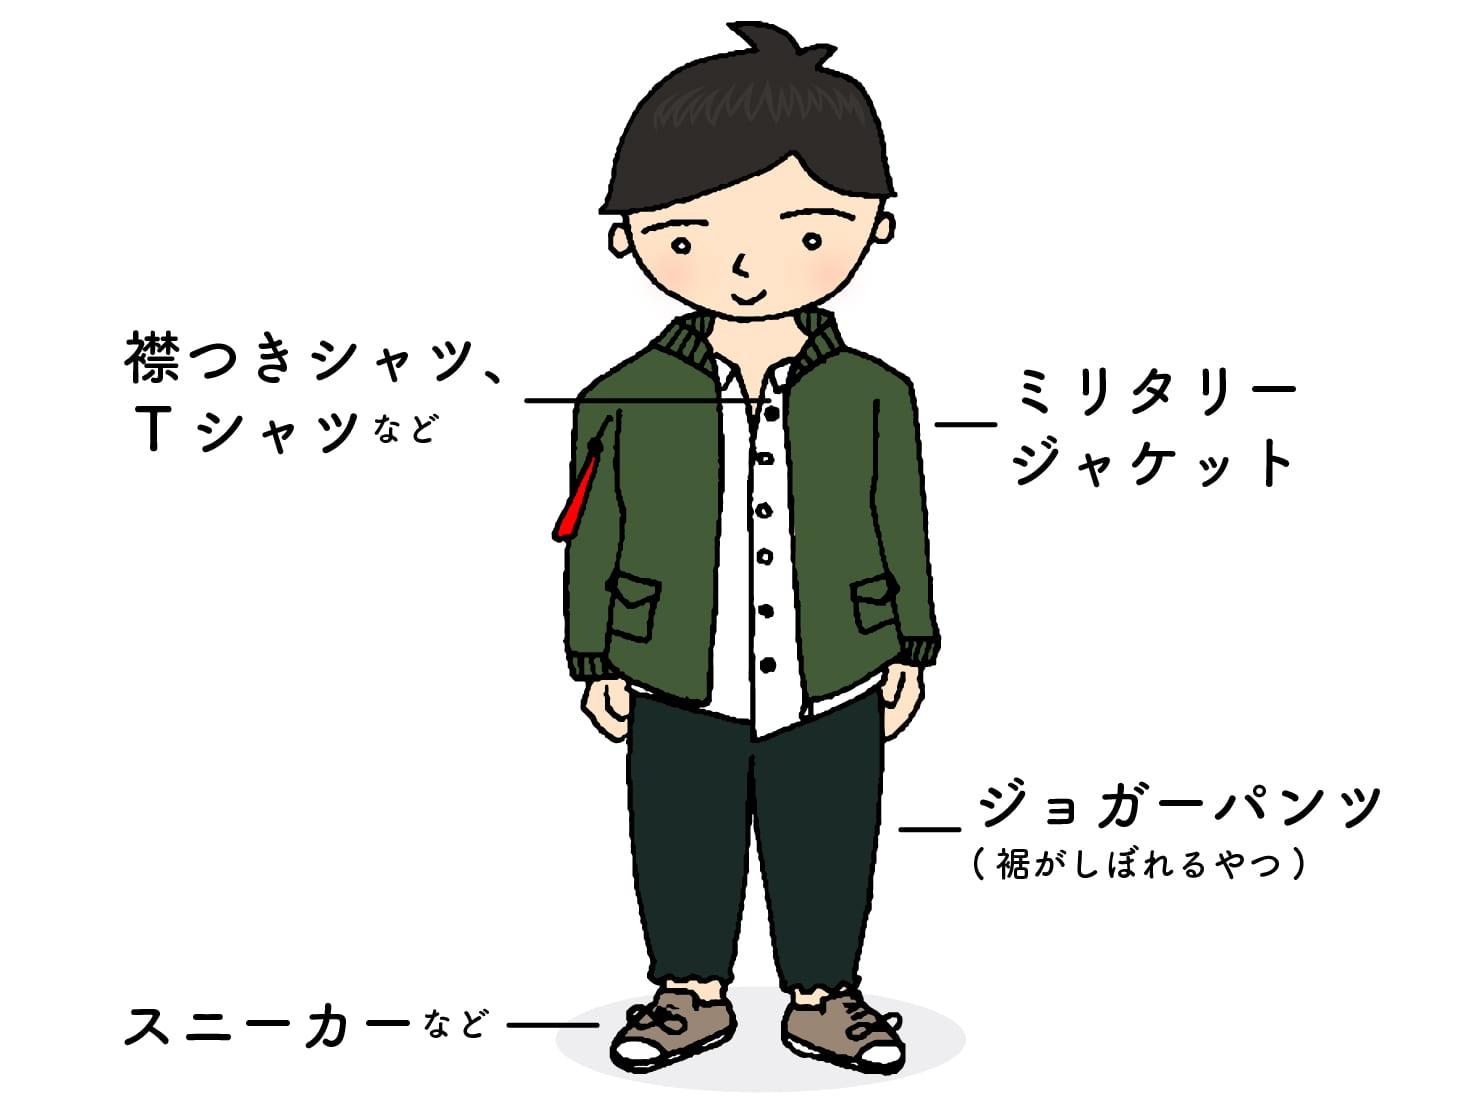 台湾男子お気に入りの冬コーデ「ミリタリー&ジョガー」